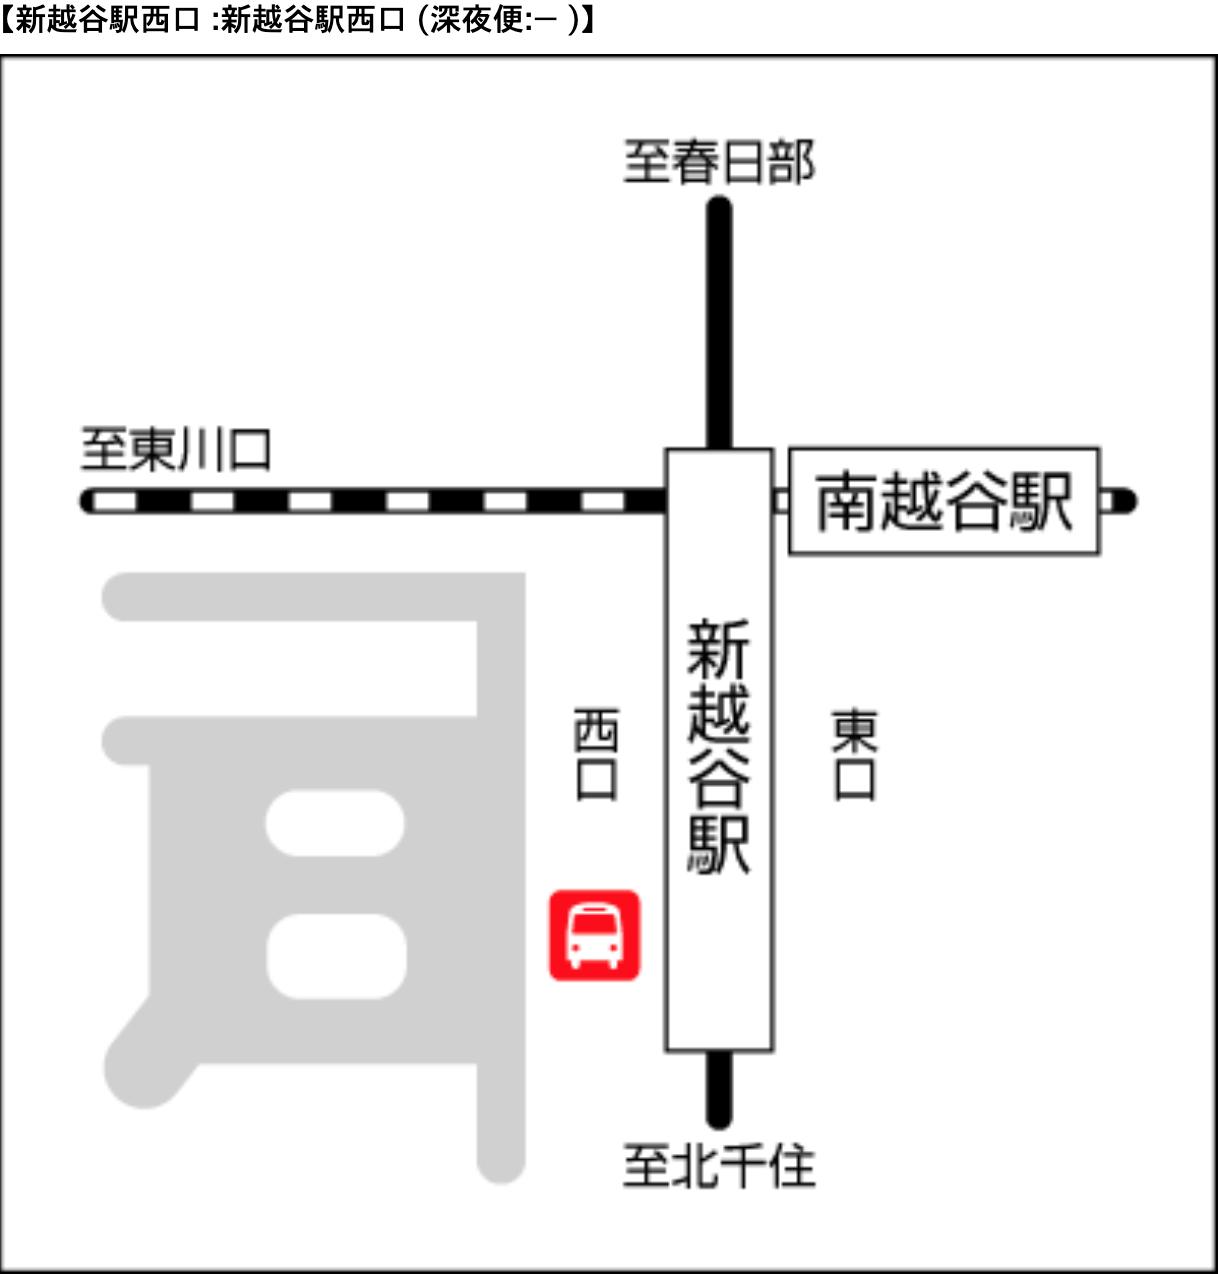 空港バス 新越谷駅 案内図